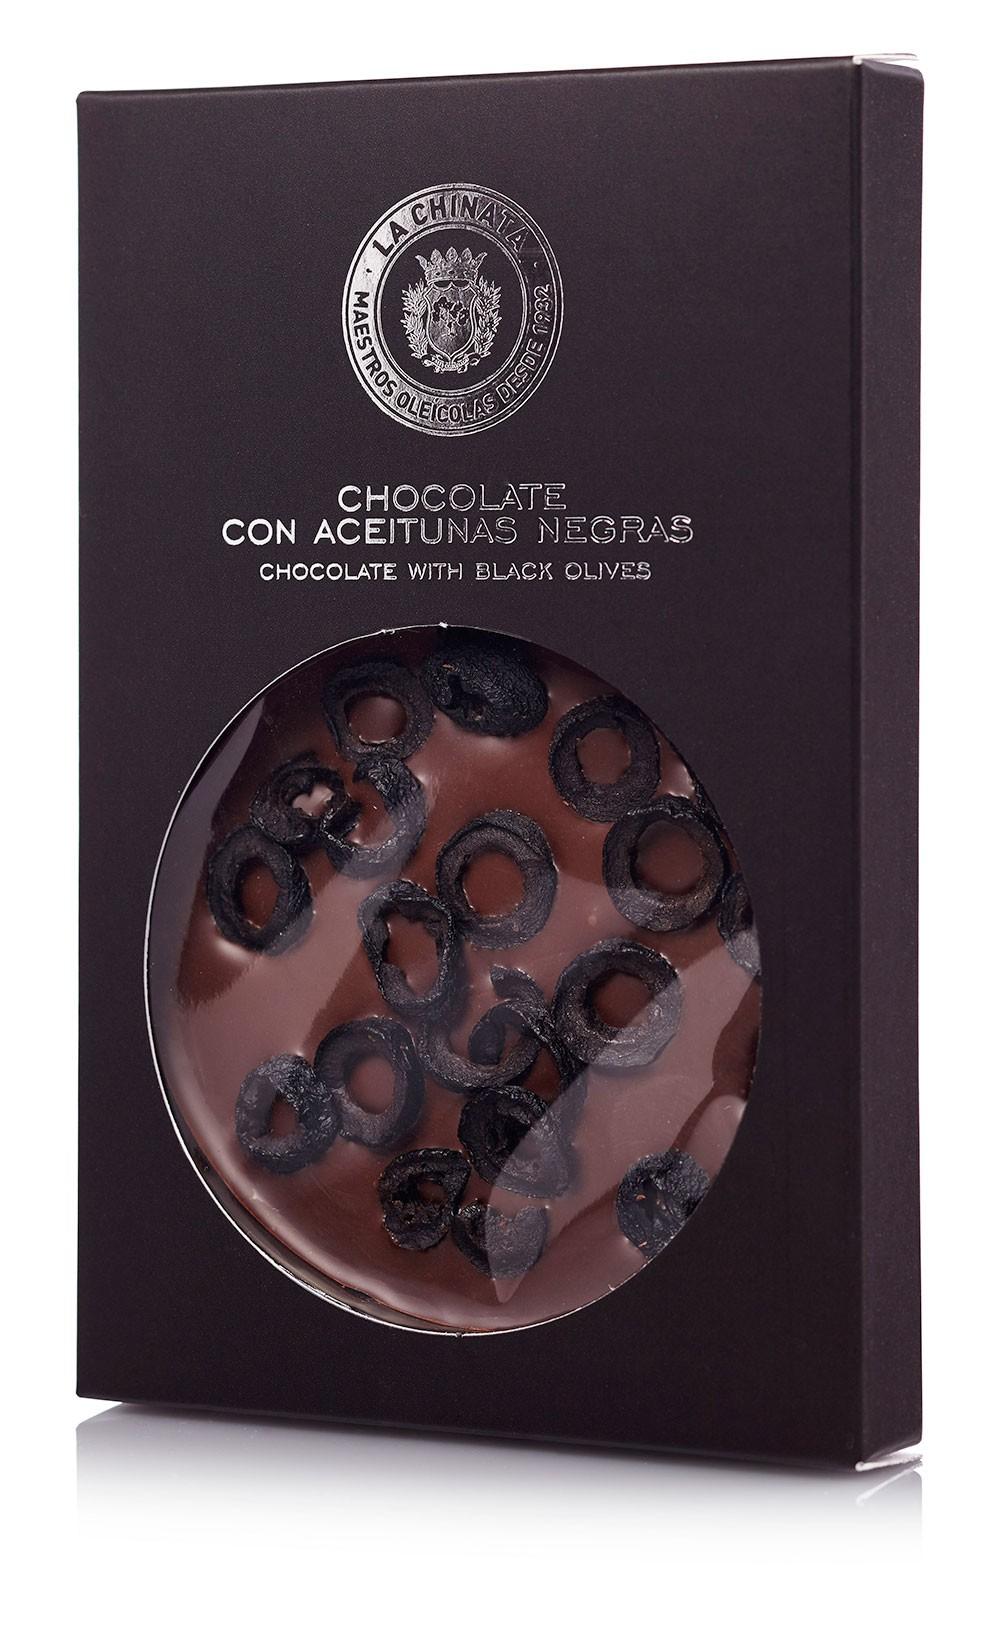 Chocolate Con Aceituna Negra